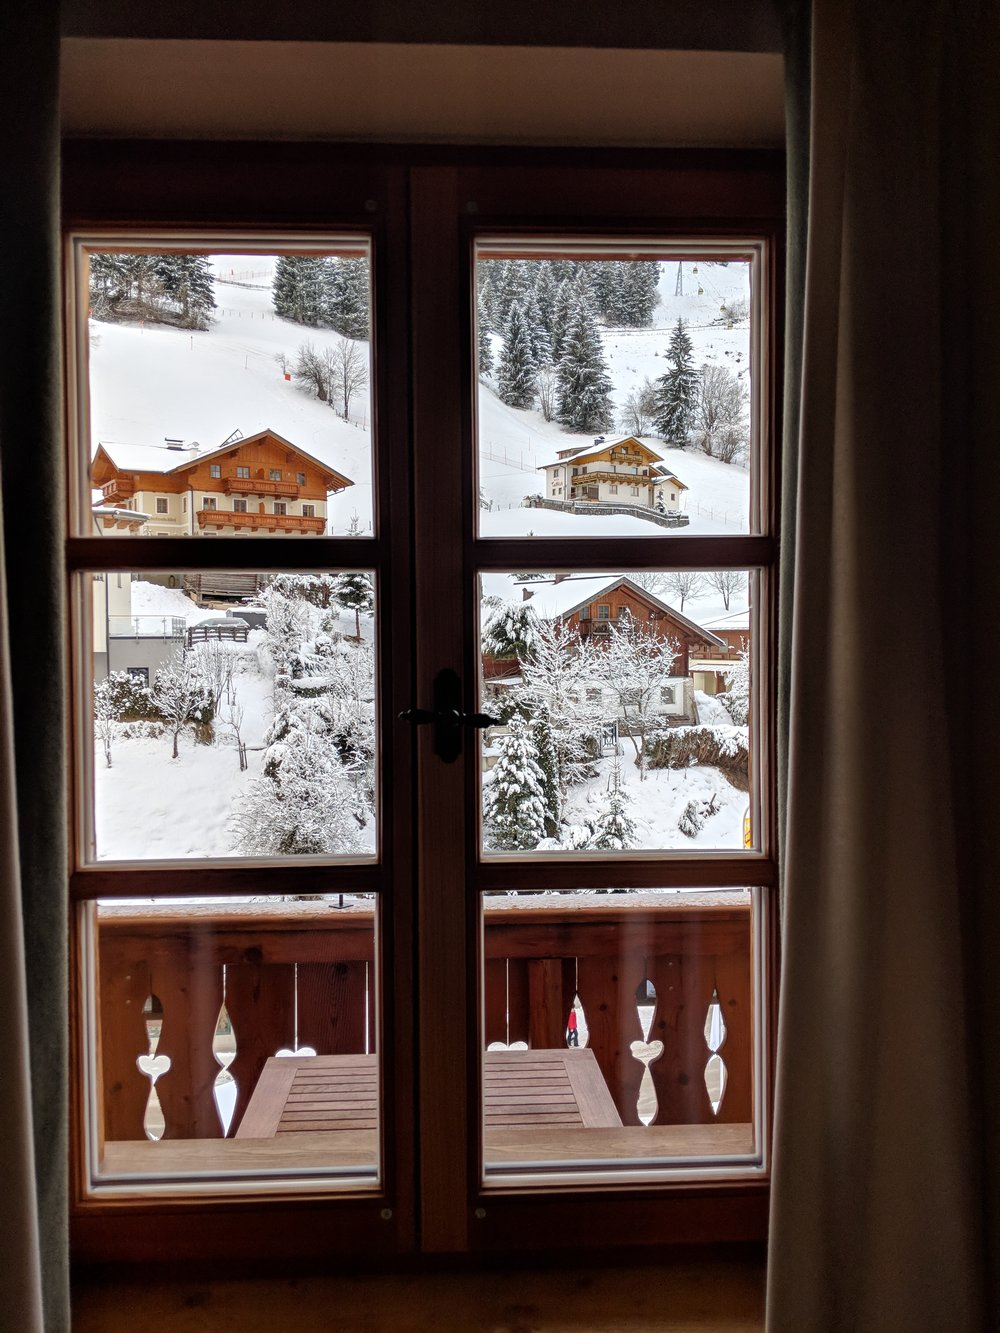 - One fine Alpine stay